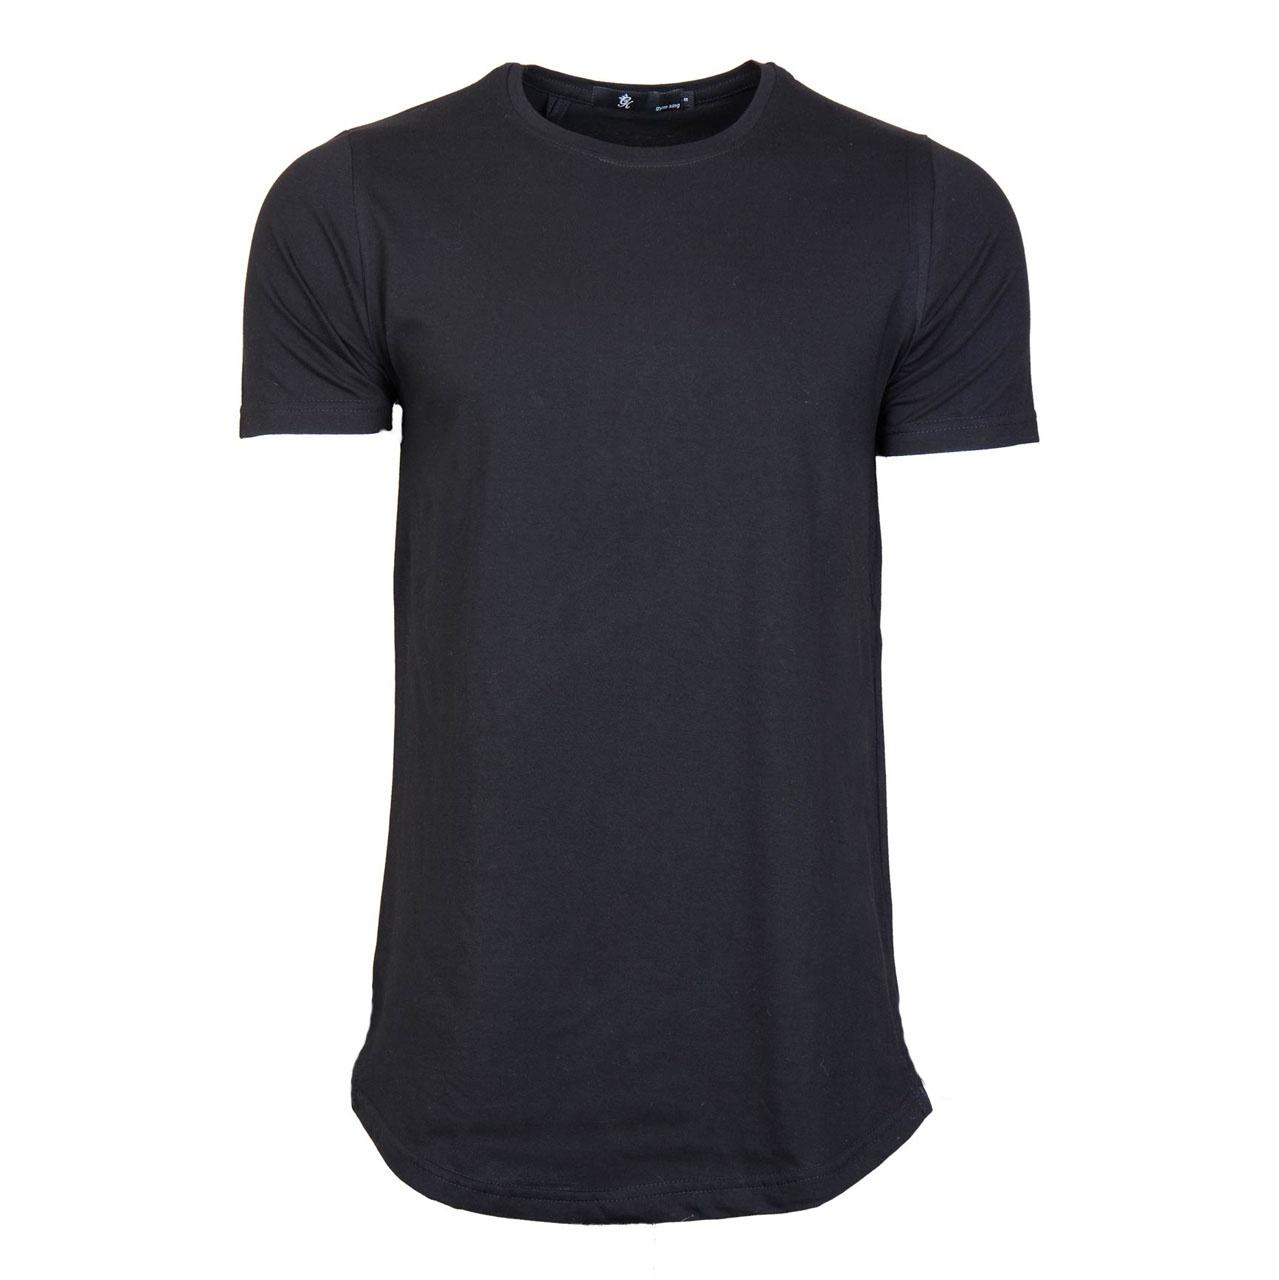 تصویر خرید تی شرت مردانه مدل لانگ مشکی